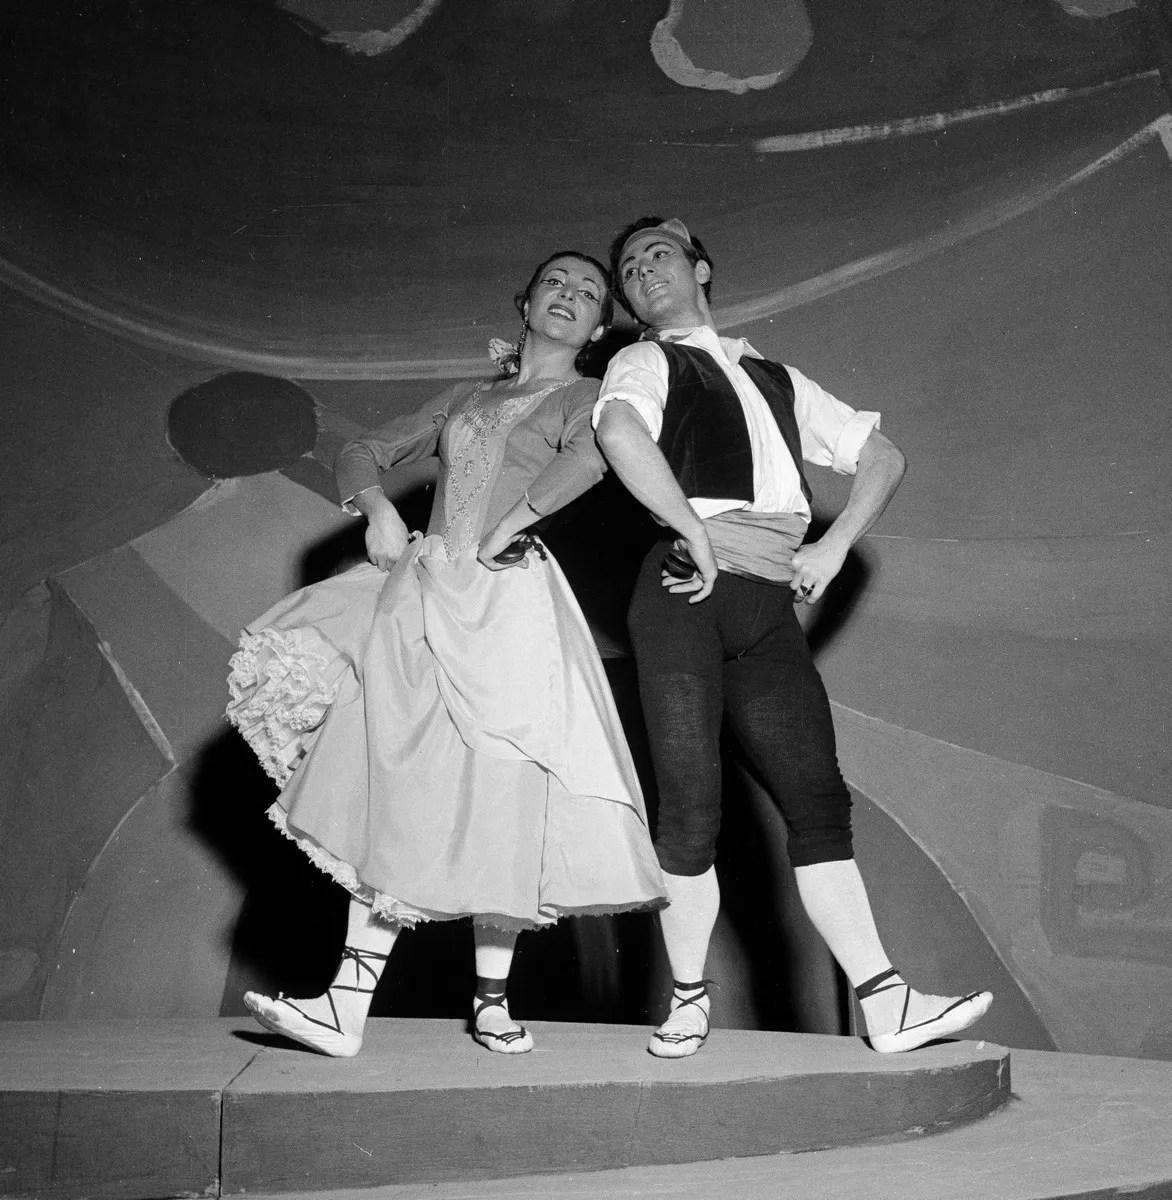 1955 Luciana Novaro in España with Mario Pistoni, photo by Erio Piccagliani © Teatro alla Scala